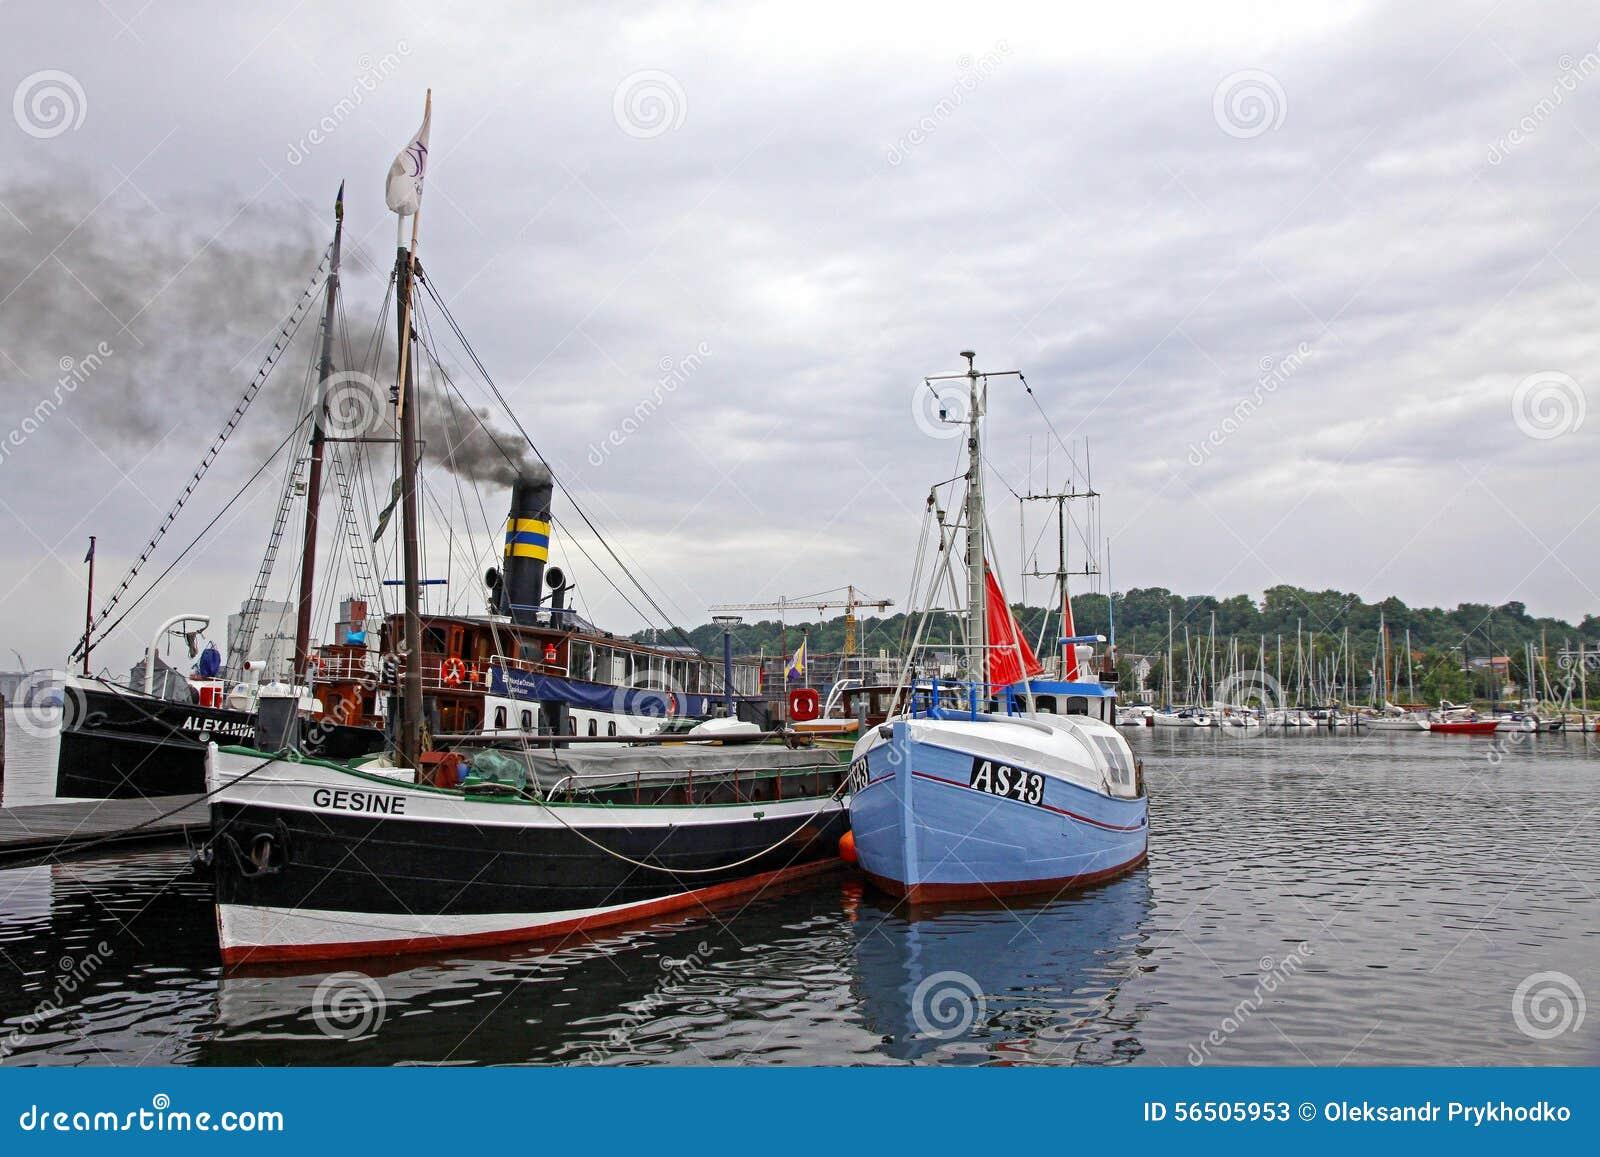 Ao Flensburg